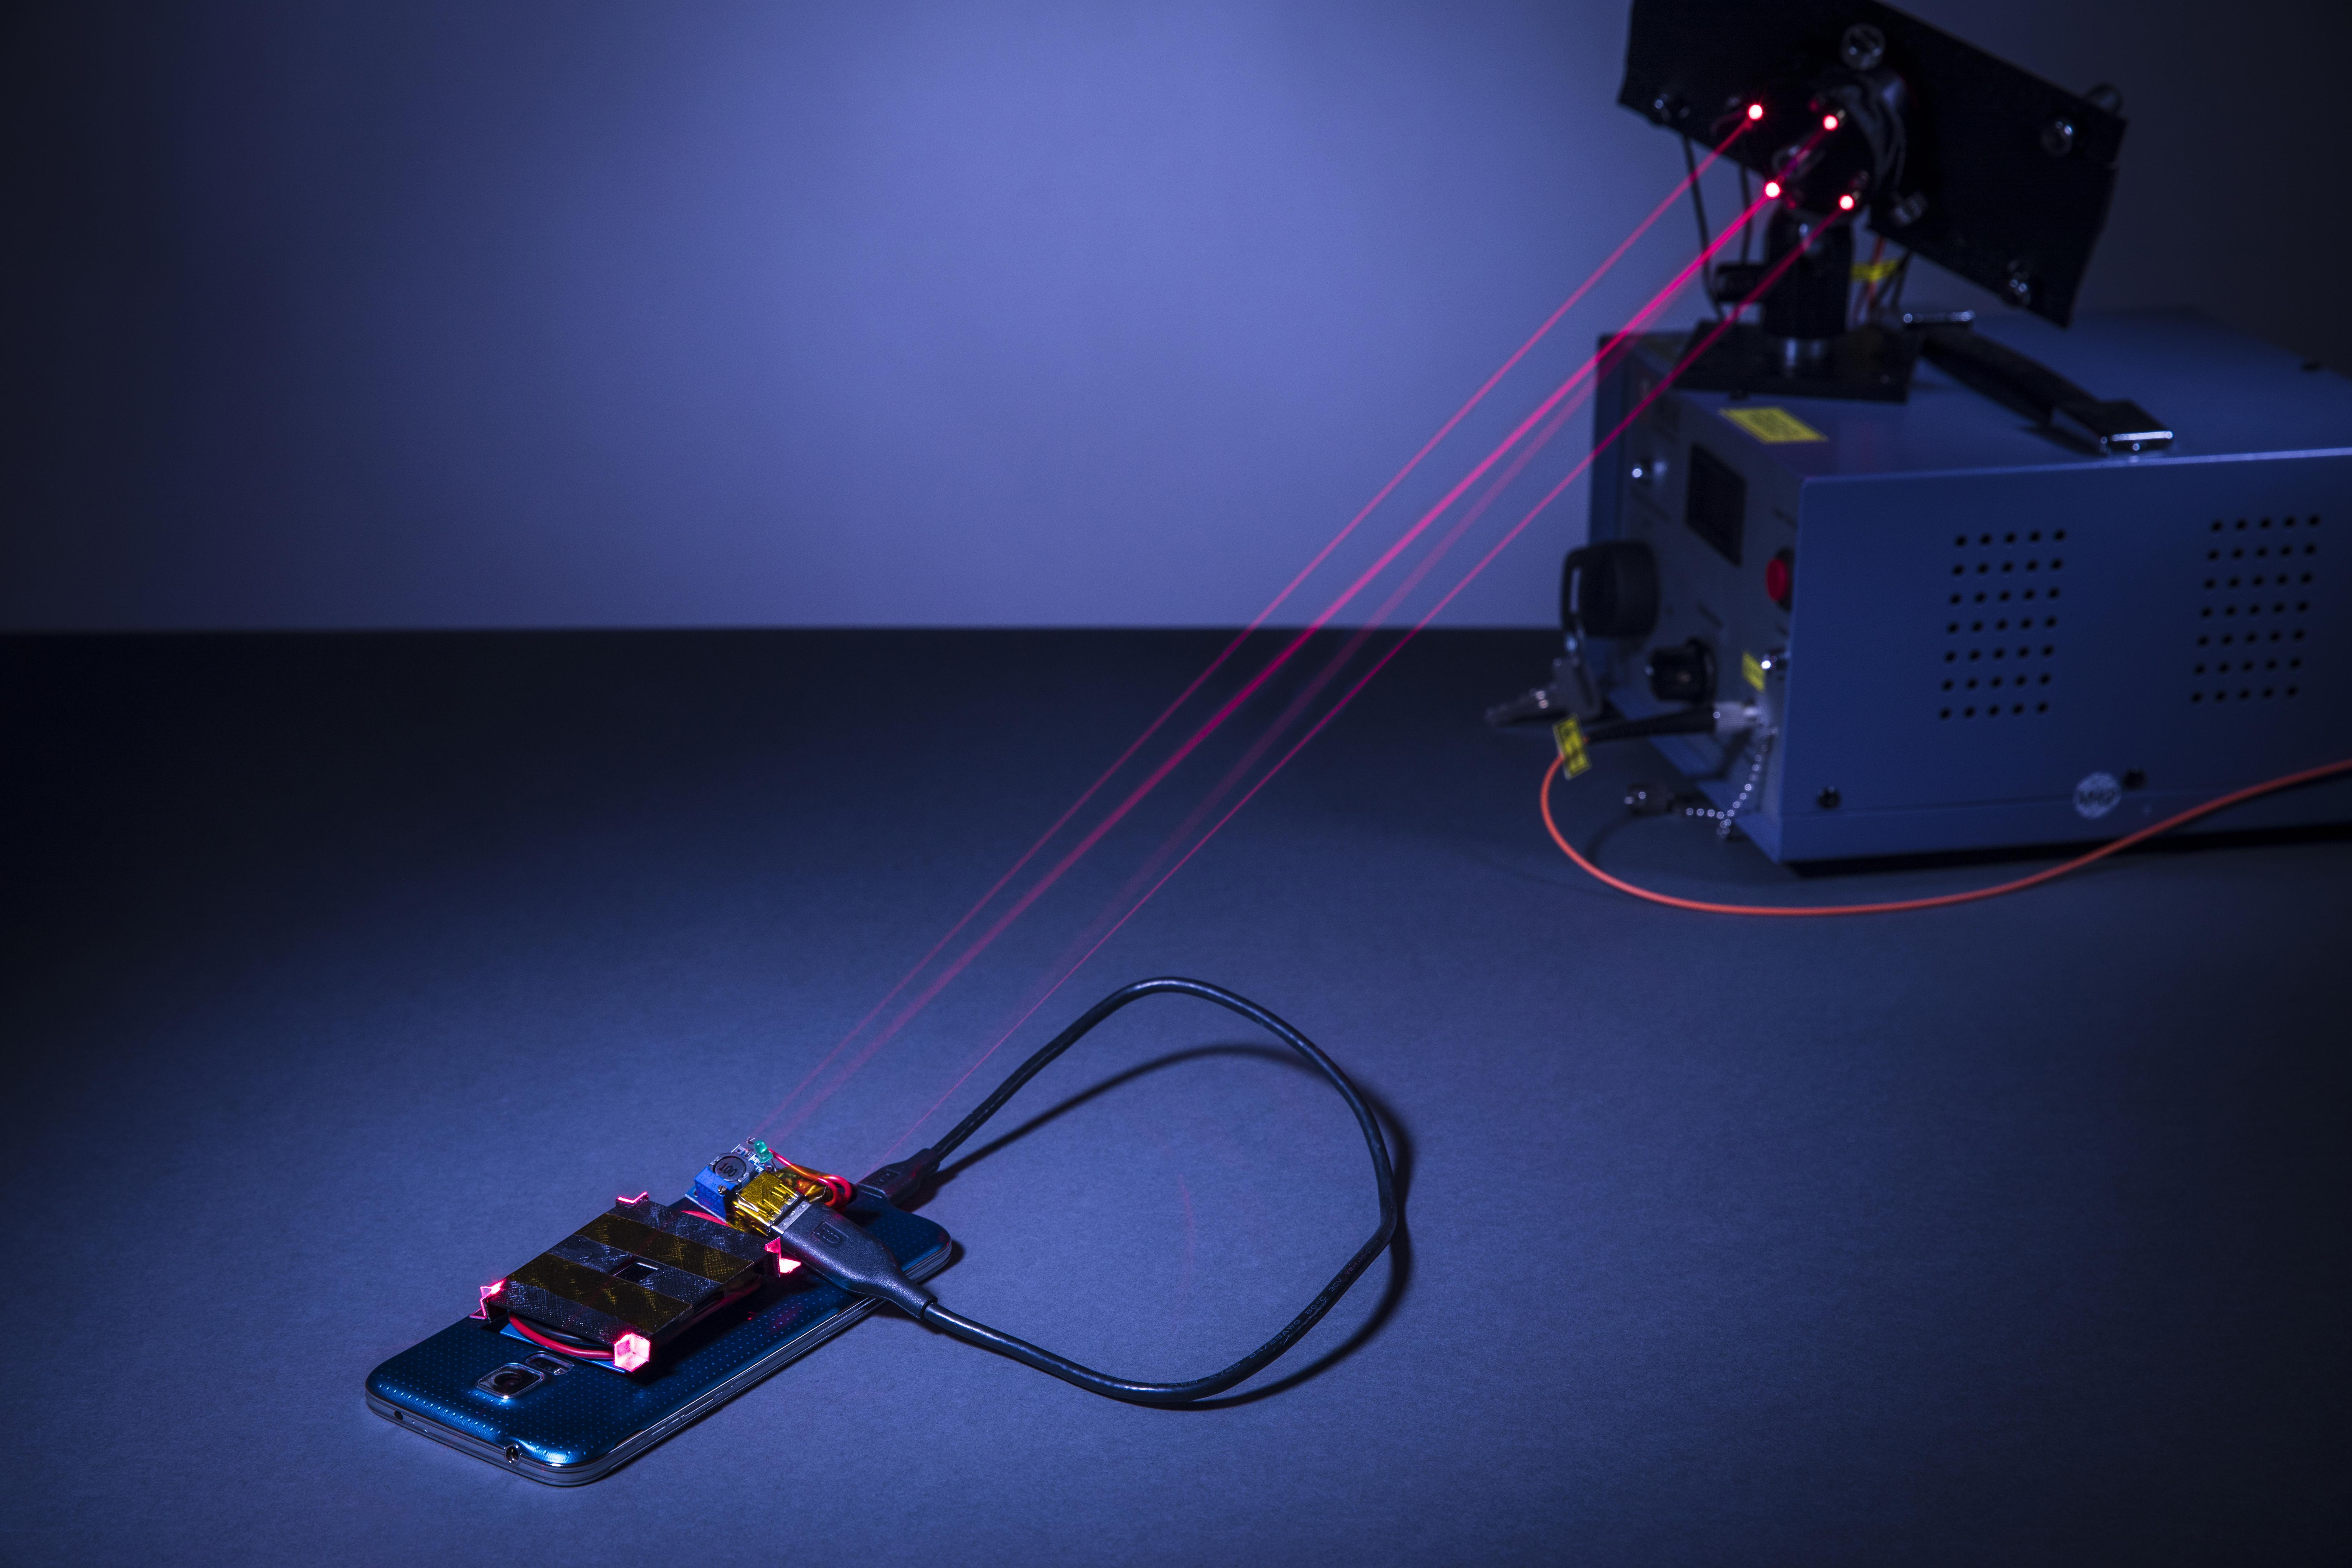 V prihodnosti bi pametne telefone lahko polnili kar z laserjem!